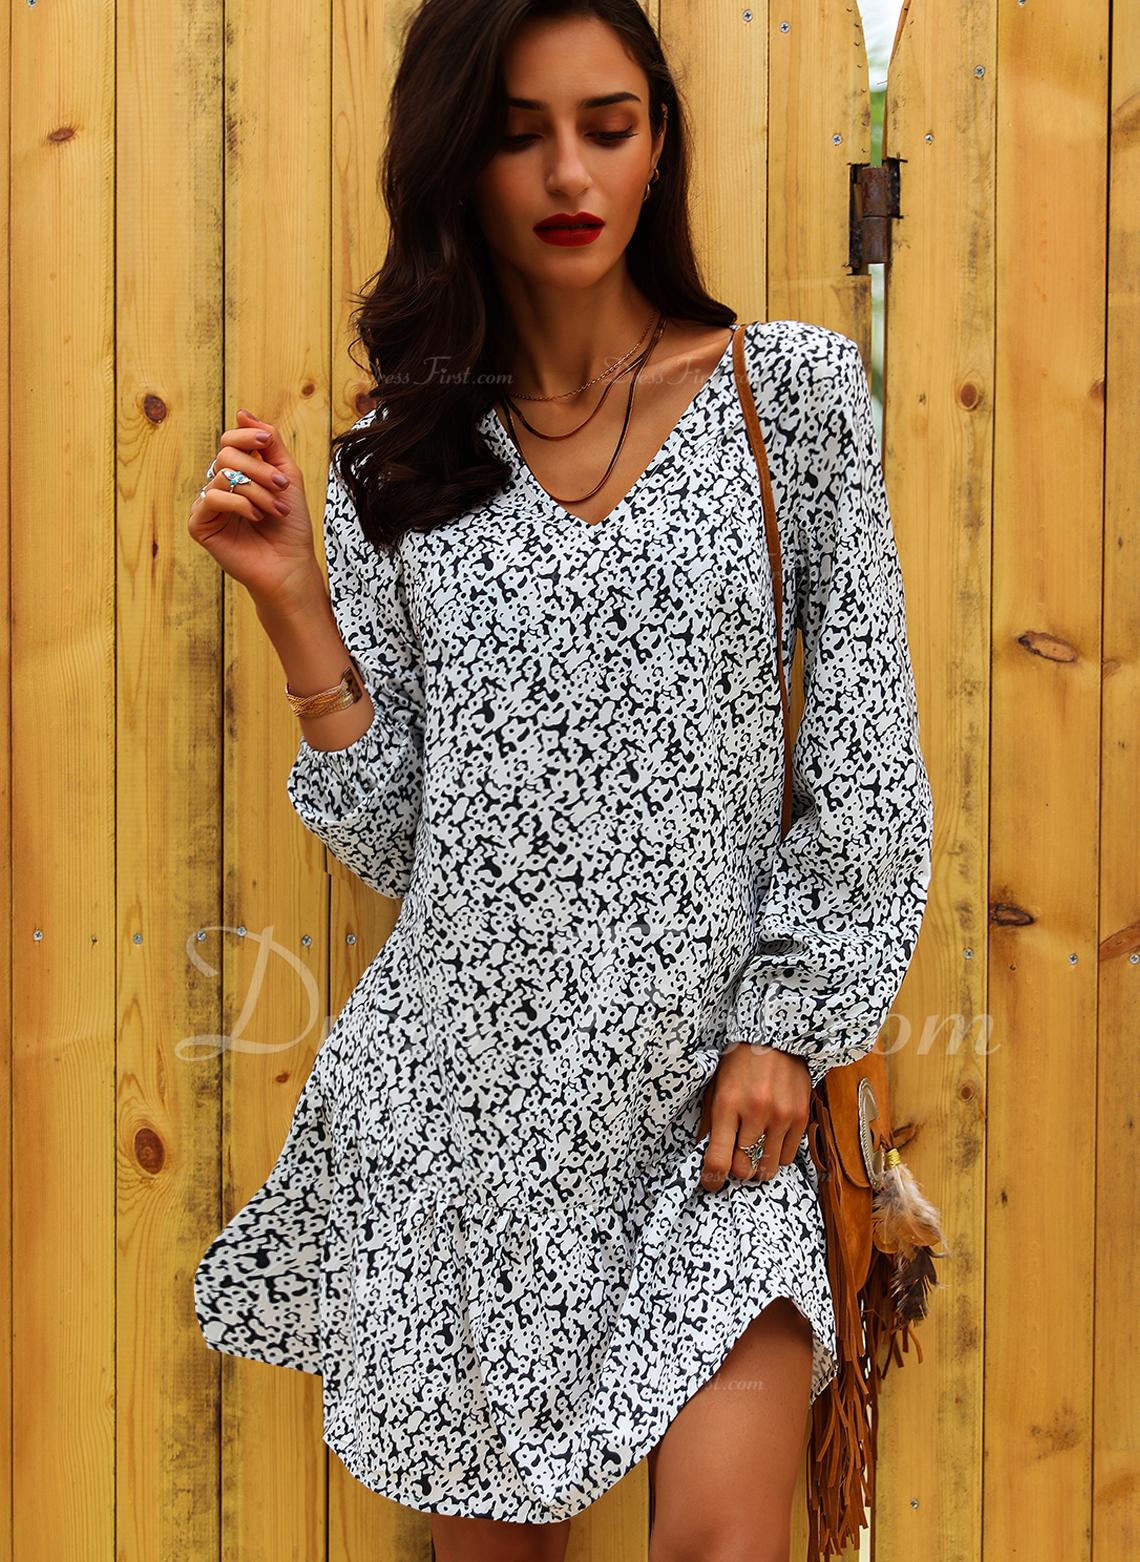 Blommig Print Shiftklänningar Långa ärmar Mini Fritids Semester Tunika Modeklänningar